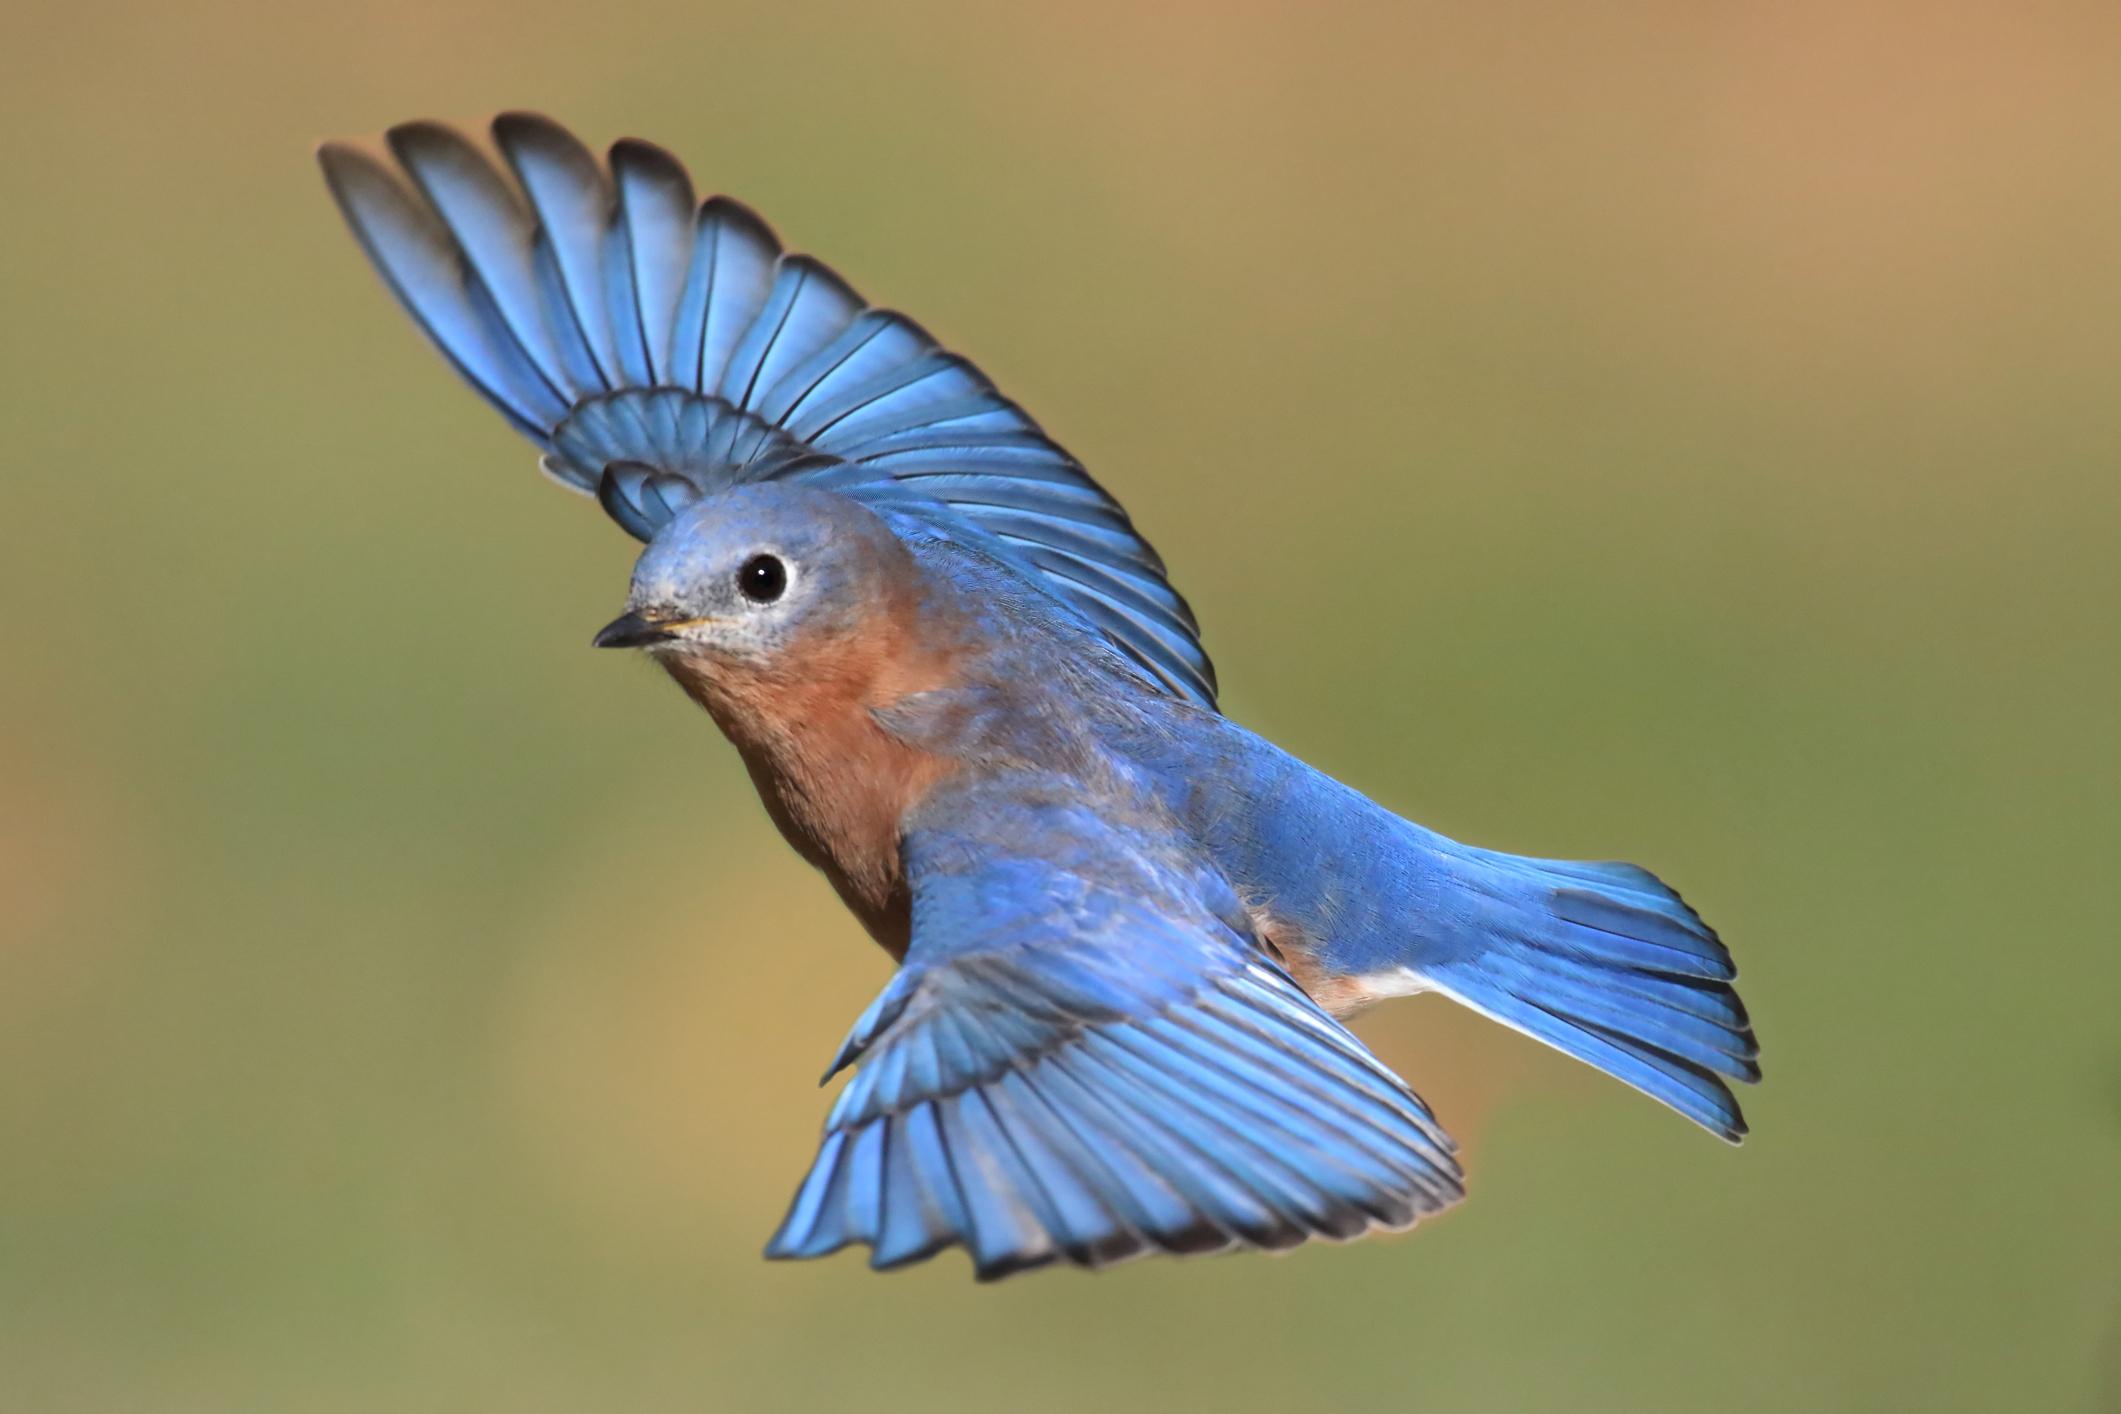 A bluebird